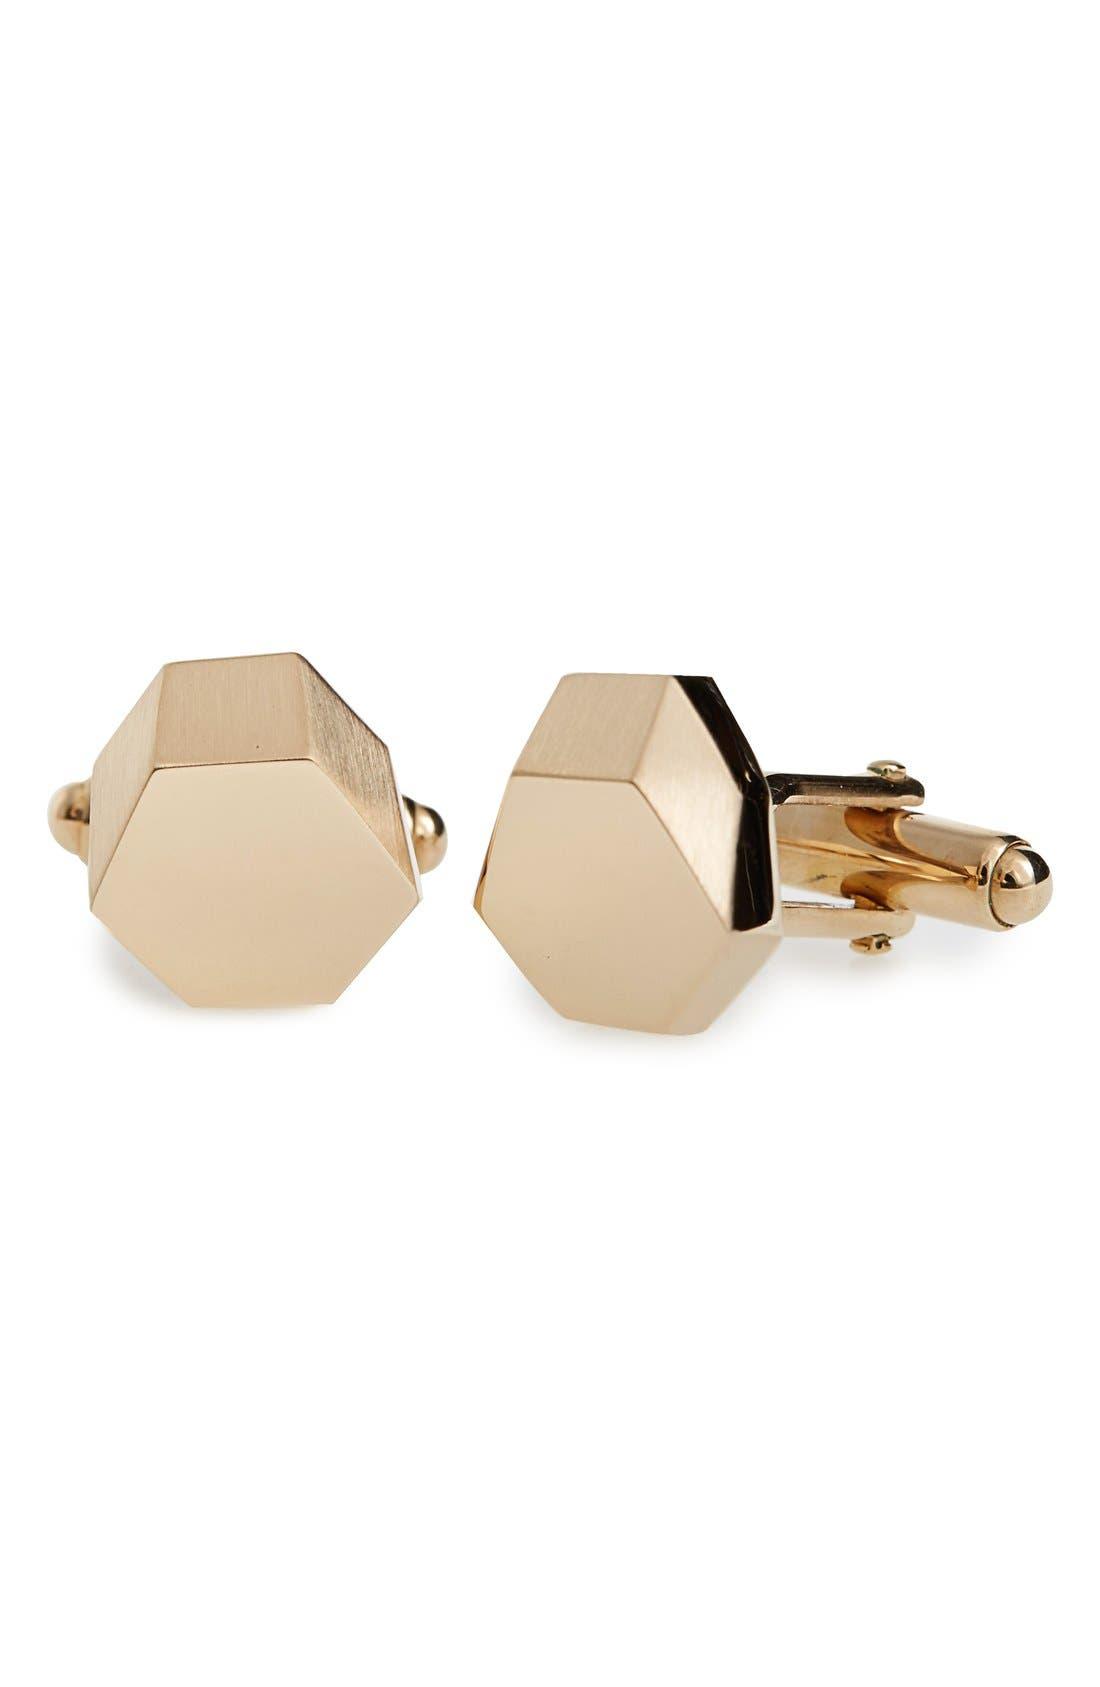 Alternate Image 1 Selected - Lanvin Hexagonal Metal Cuff Links